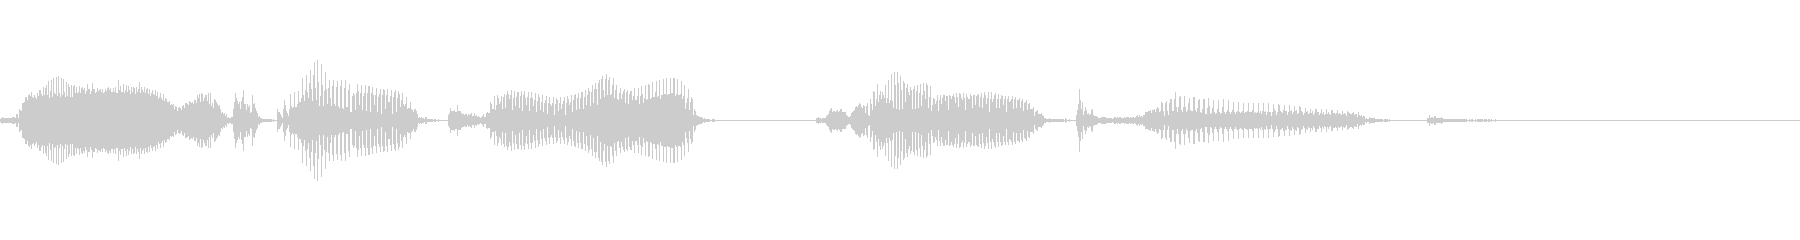 PleaseEnterYourPINcoの未再生の波形